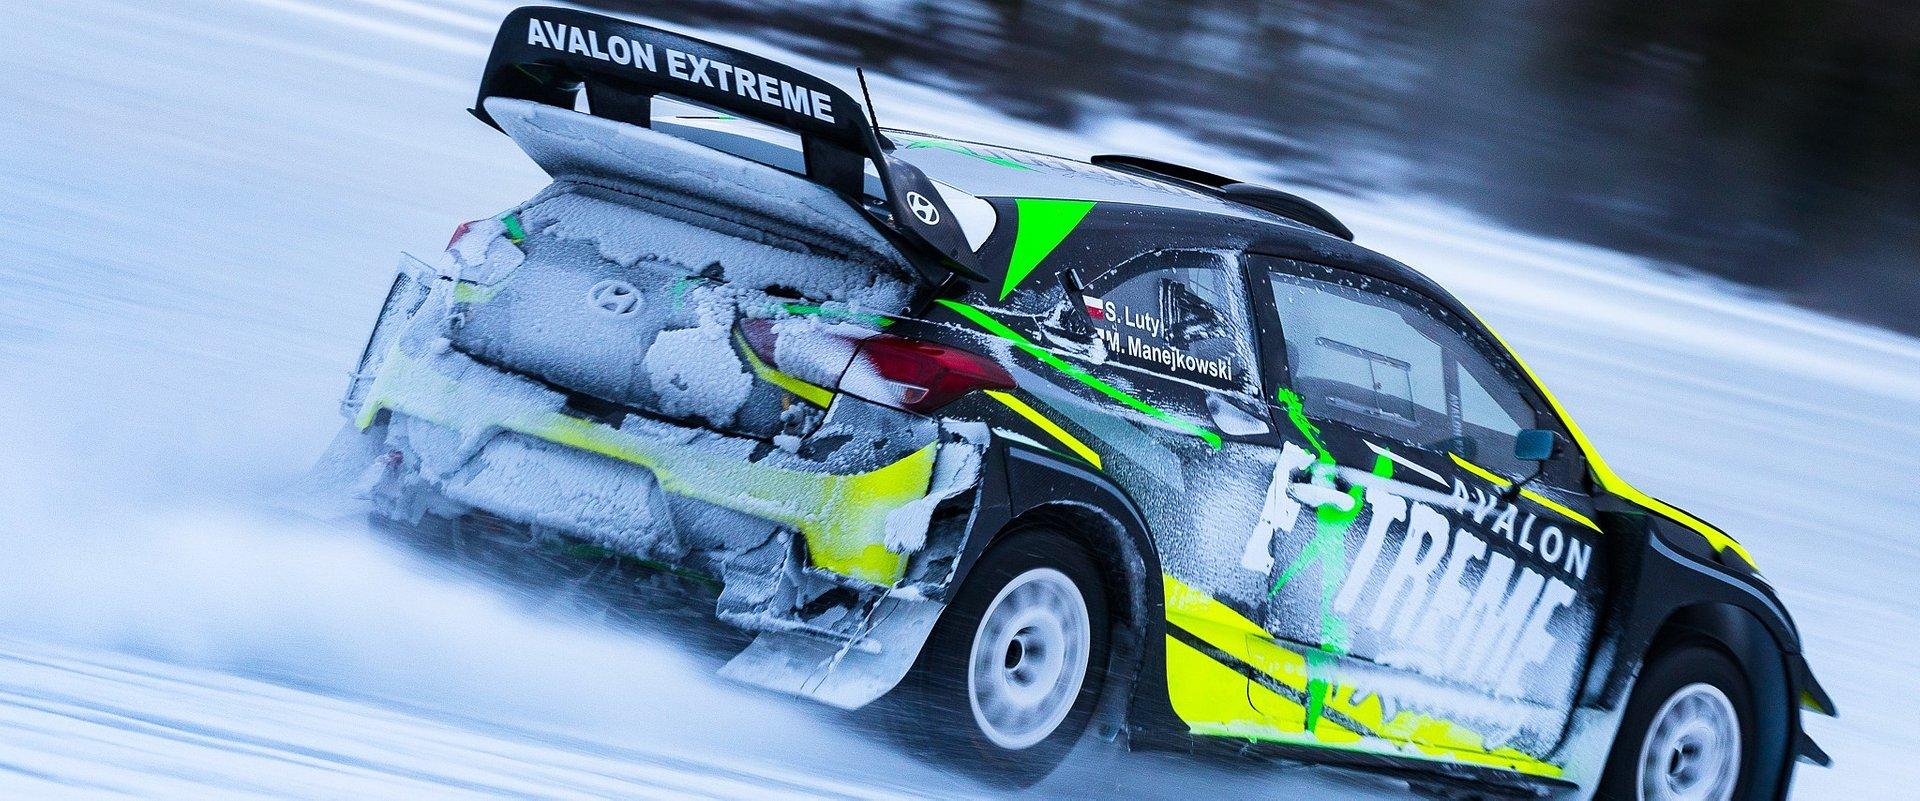 Avalon Extreme Ice Drift przegrał walkę ze zmianami klimatycznymi. Wyprawa przełożona na przyszły rok.